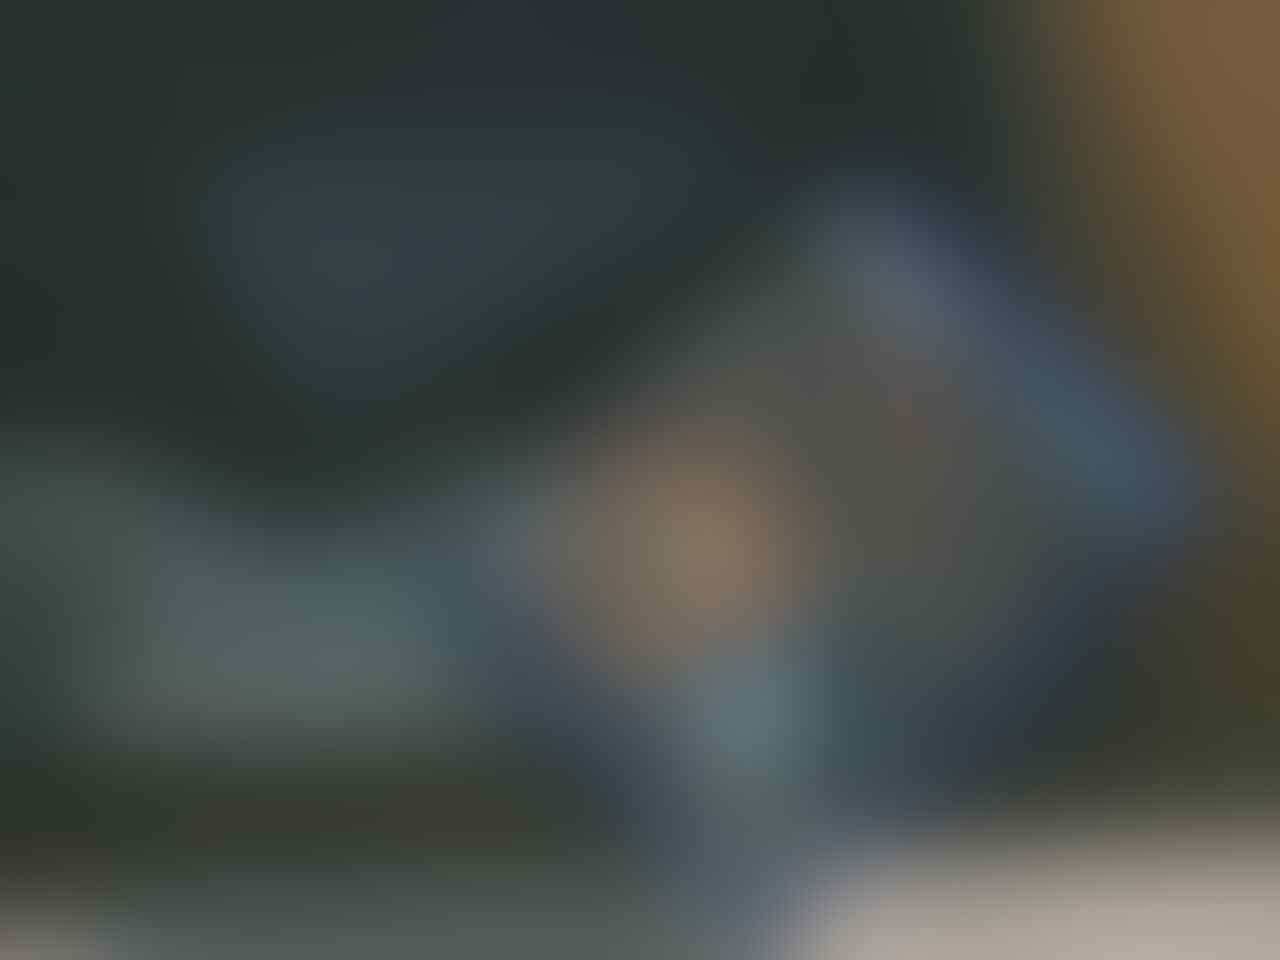 Jual Kompor Listrik Philips HD 4932 ORIGINAL Garansi 2 Tahun 3 Bulan